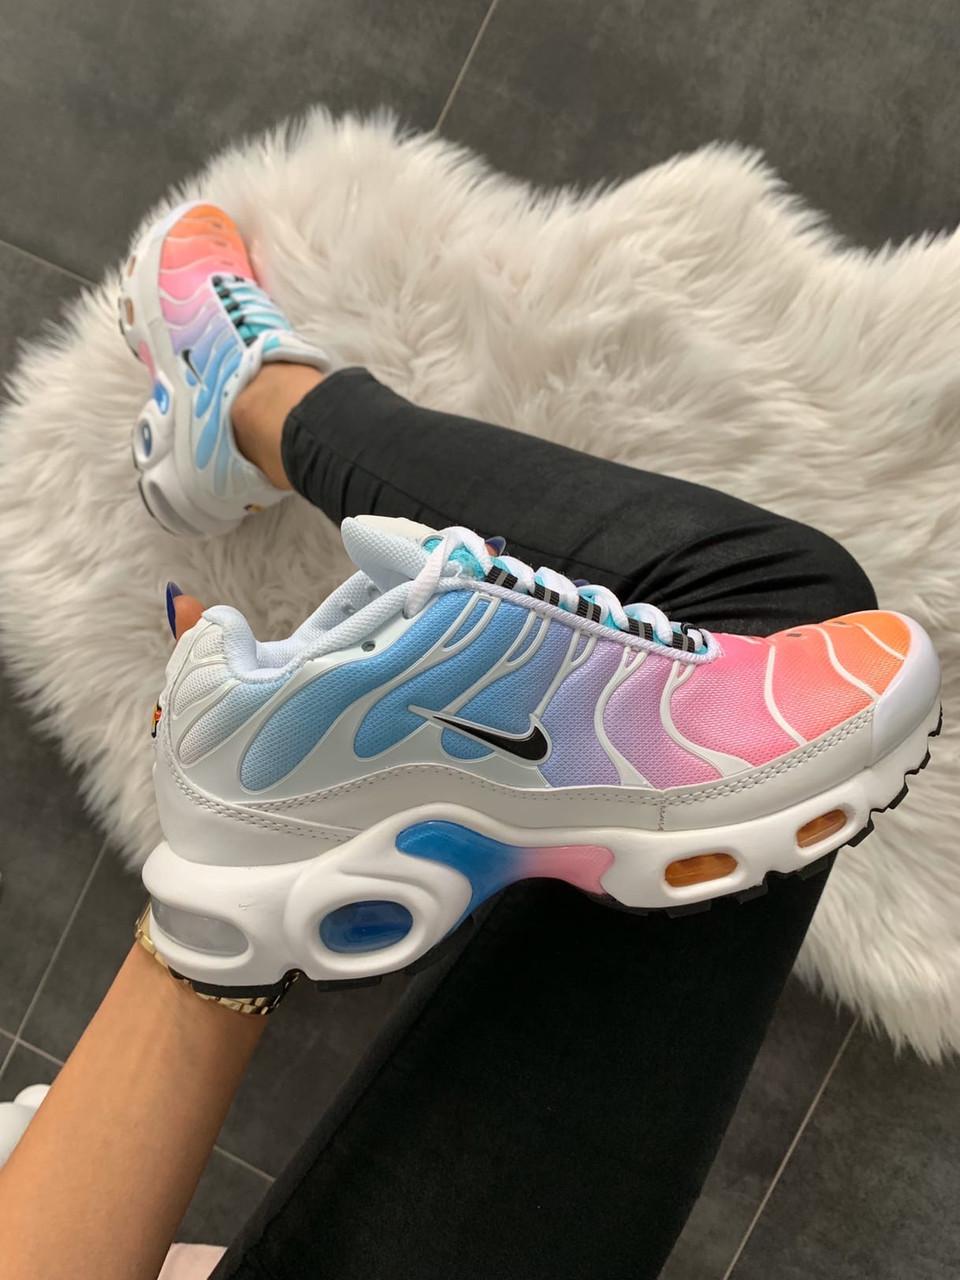 Кроссовки женские Nike Air Max Plus TN Multicolor. Стильные женские кроссовки Найк разноцветные.